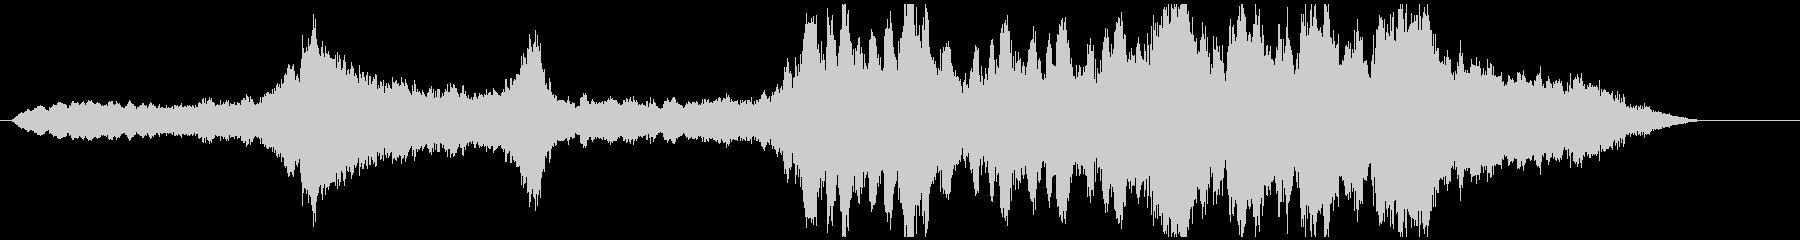 オーケストラ楽器。暗い、不吉なサウ...の未再生の波形